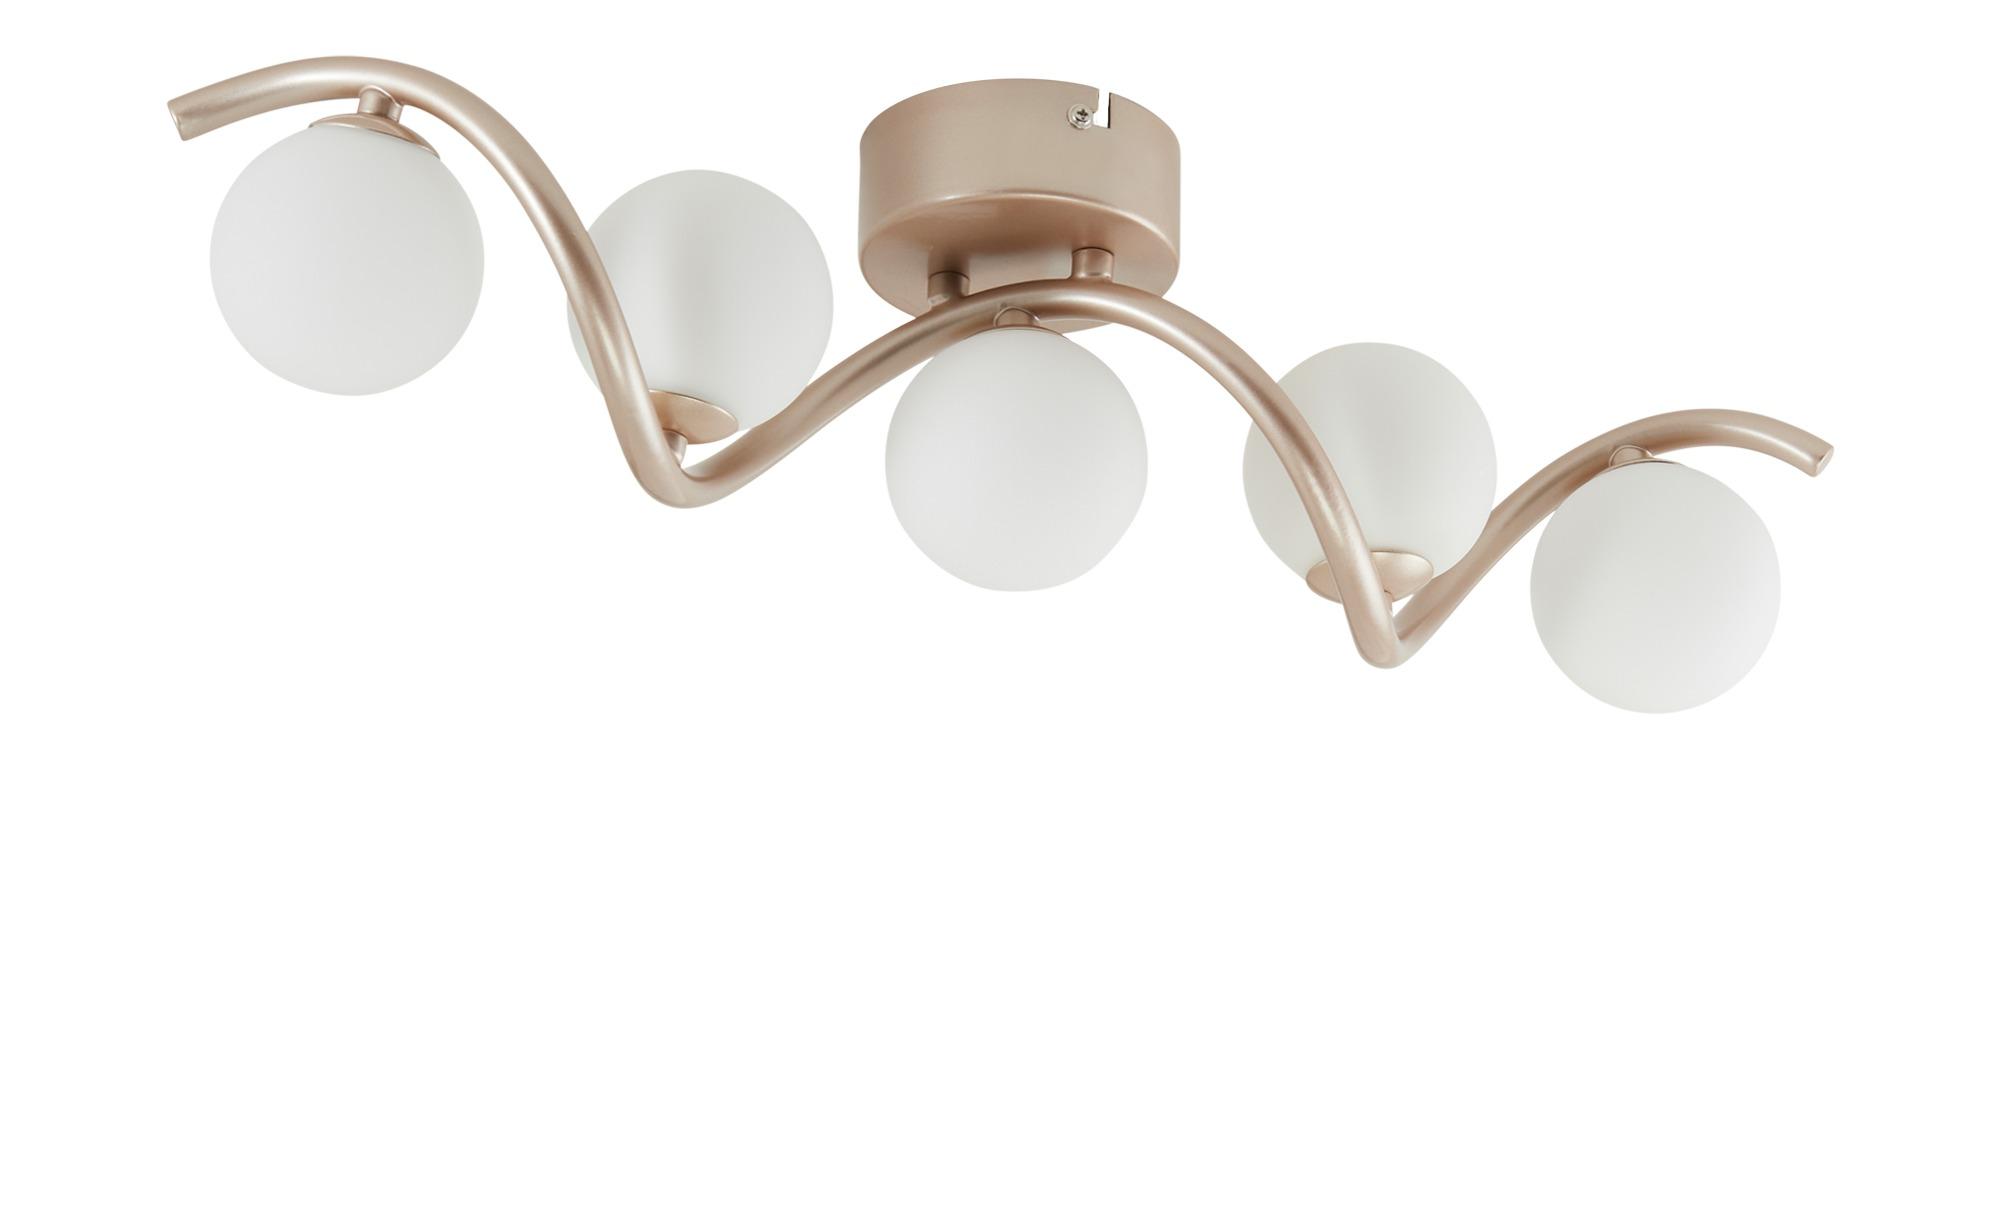 KHG LED-Deckenleuchte, 5-flammig, goldfarben/geschwungen ¦ gold ¦ Maße (cm): B: 12,2 H: 10 Lampen & Leuchten > Innenleuchten > Deckenleuchten - Höffner